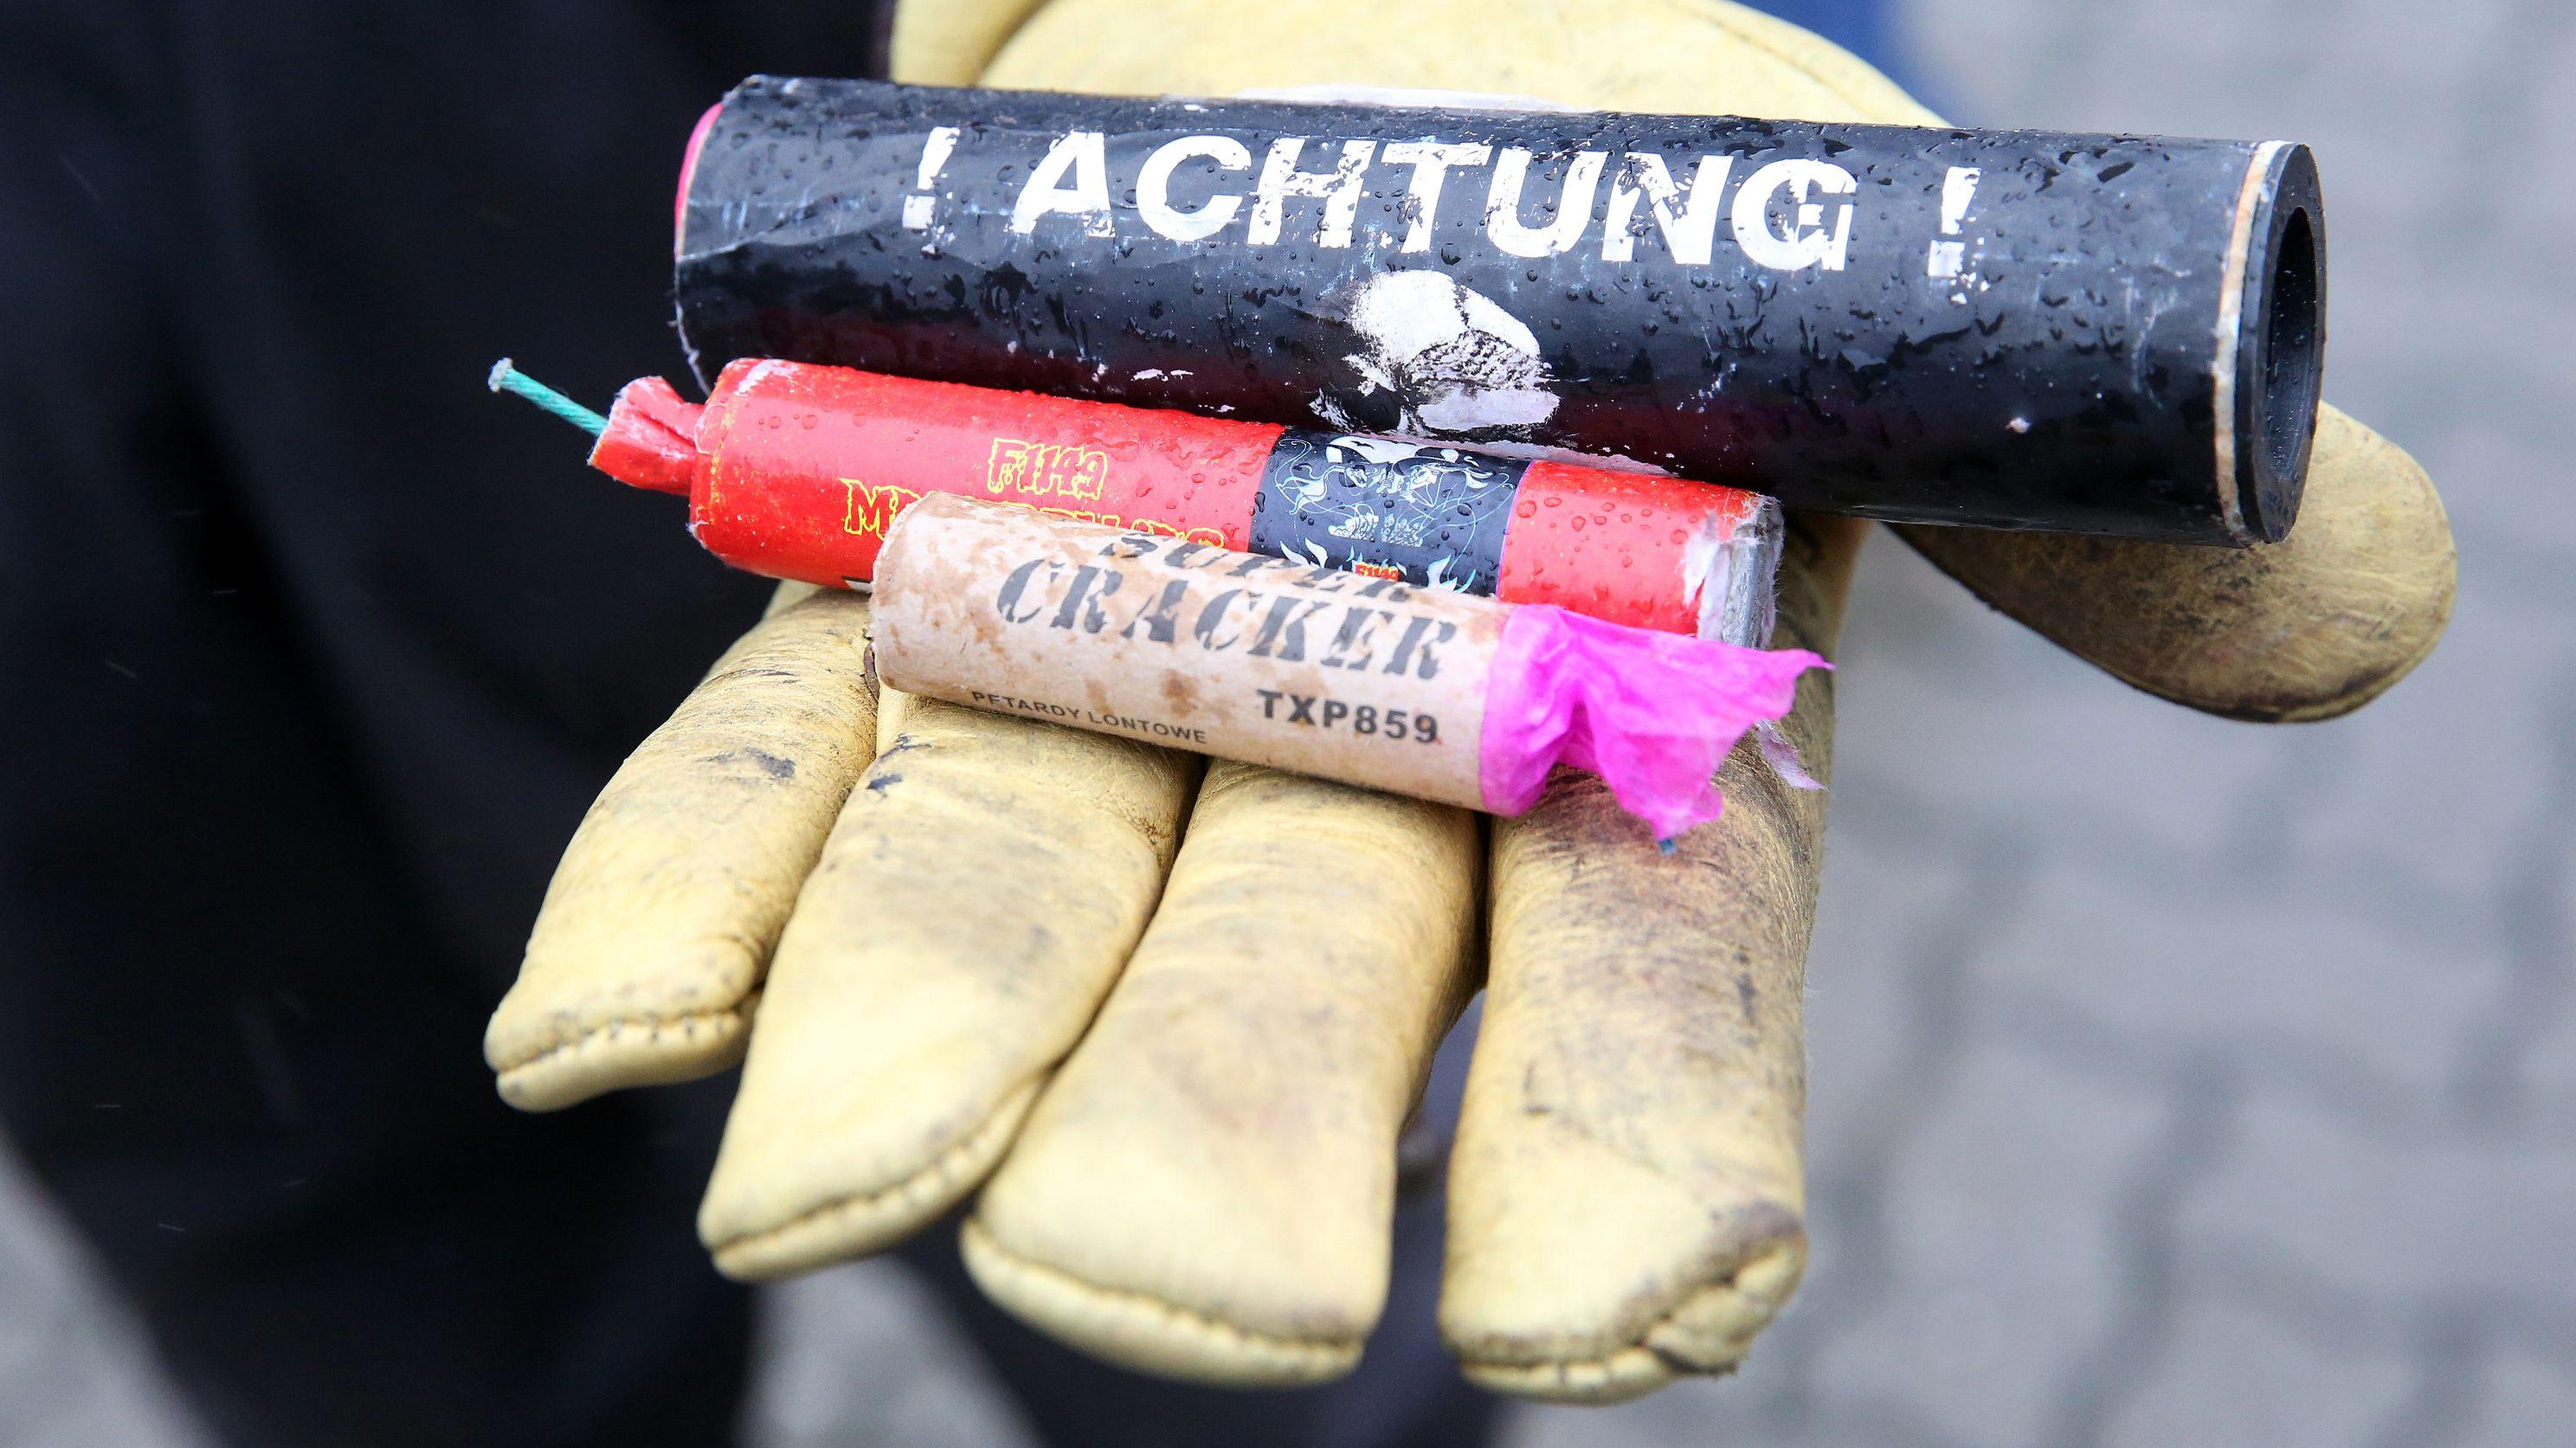 Jedes Jahr an Silvester gibt es Verbrennungen und andere schwere Verletzungen durch Böller